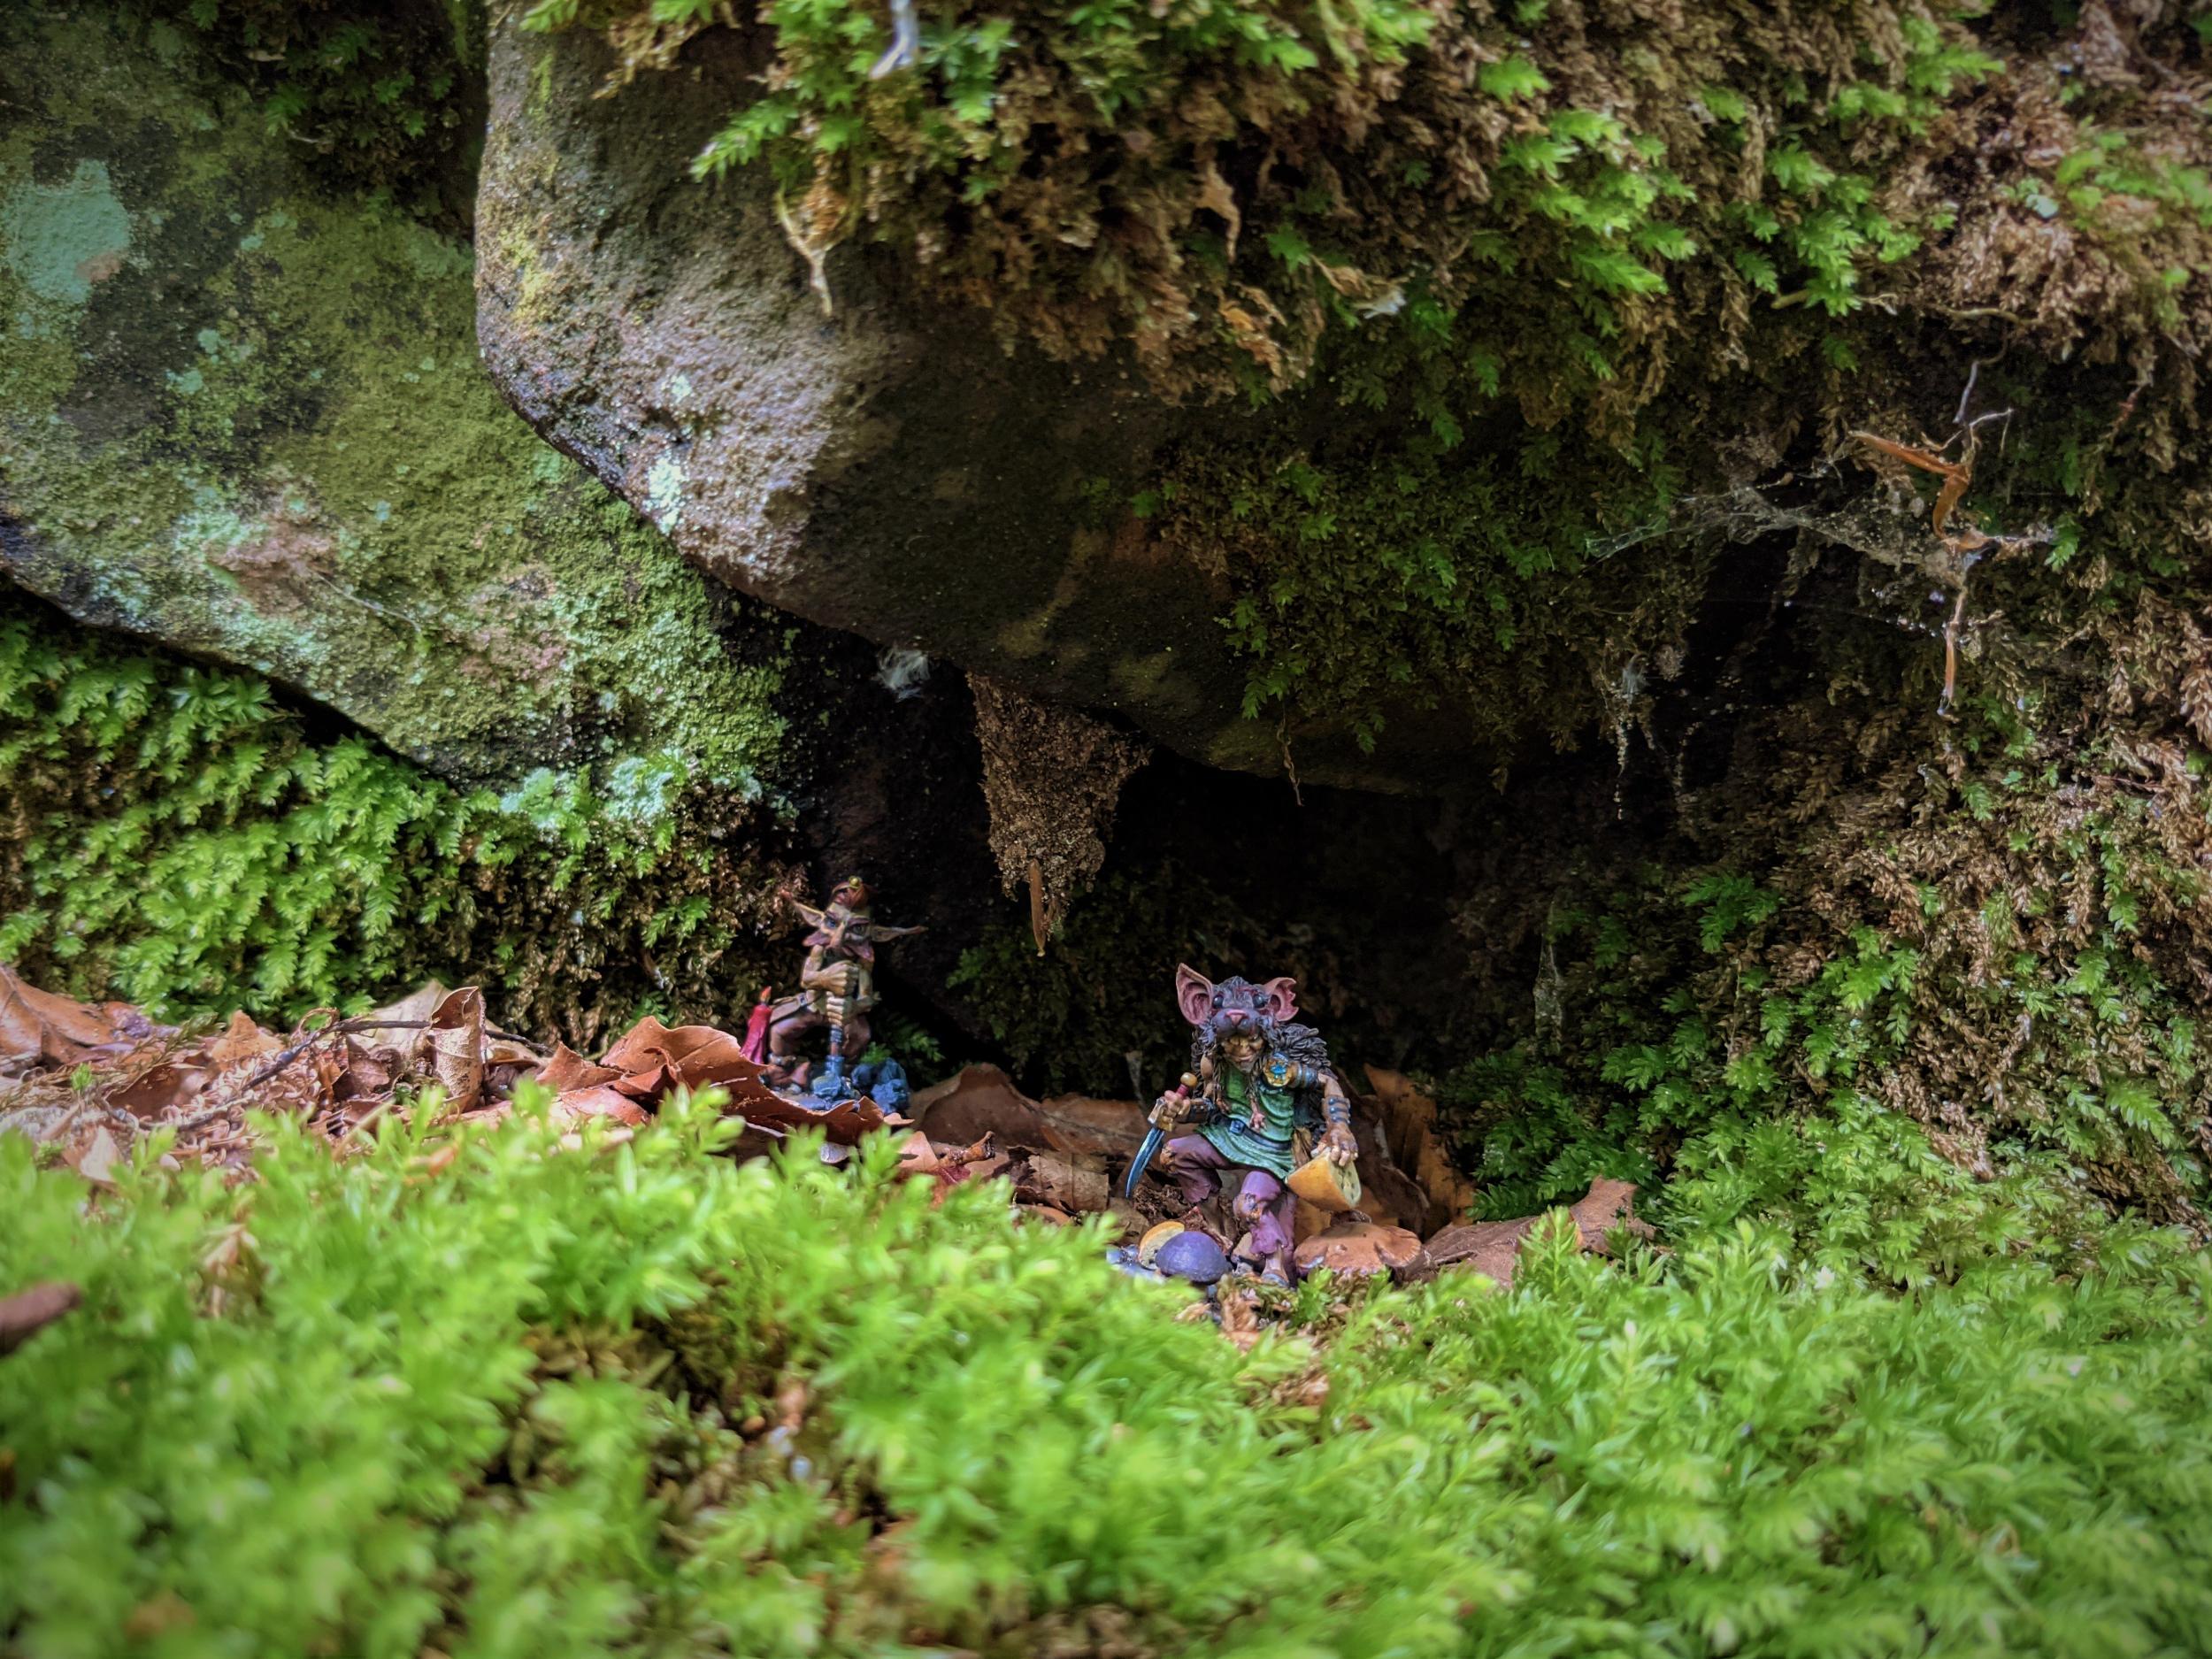 Gnome-Wald-1.jpg.ca4a5672547cf79e94150697f5534e45.jpg